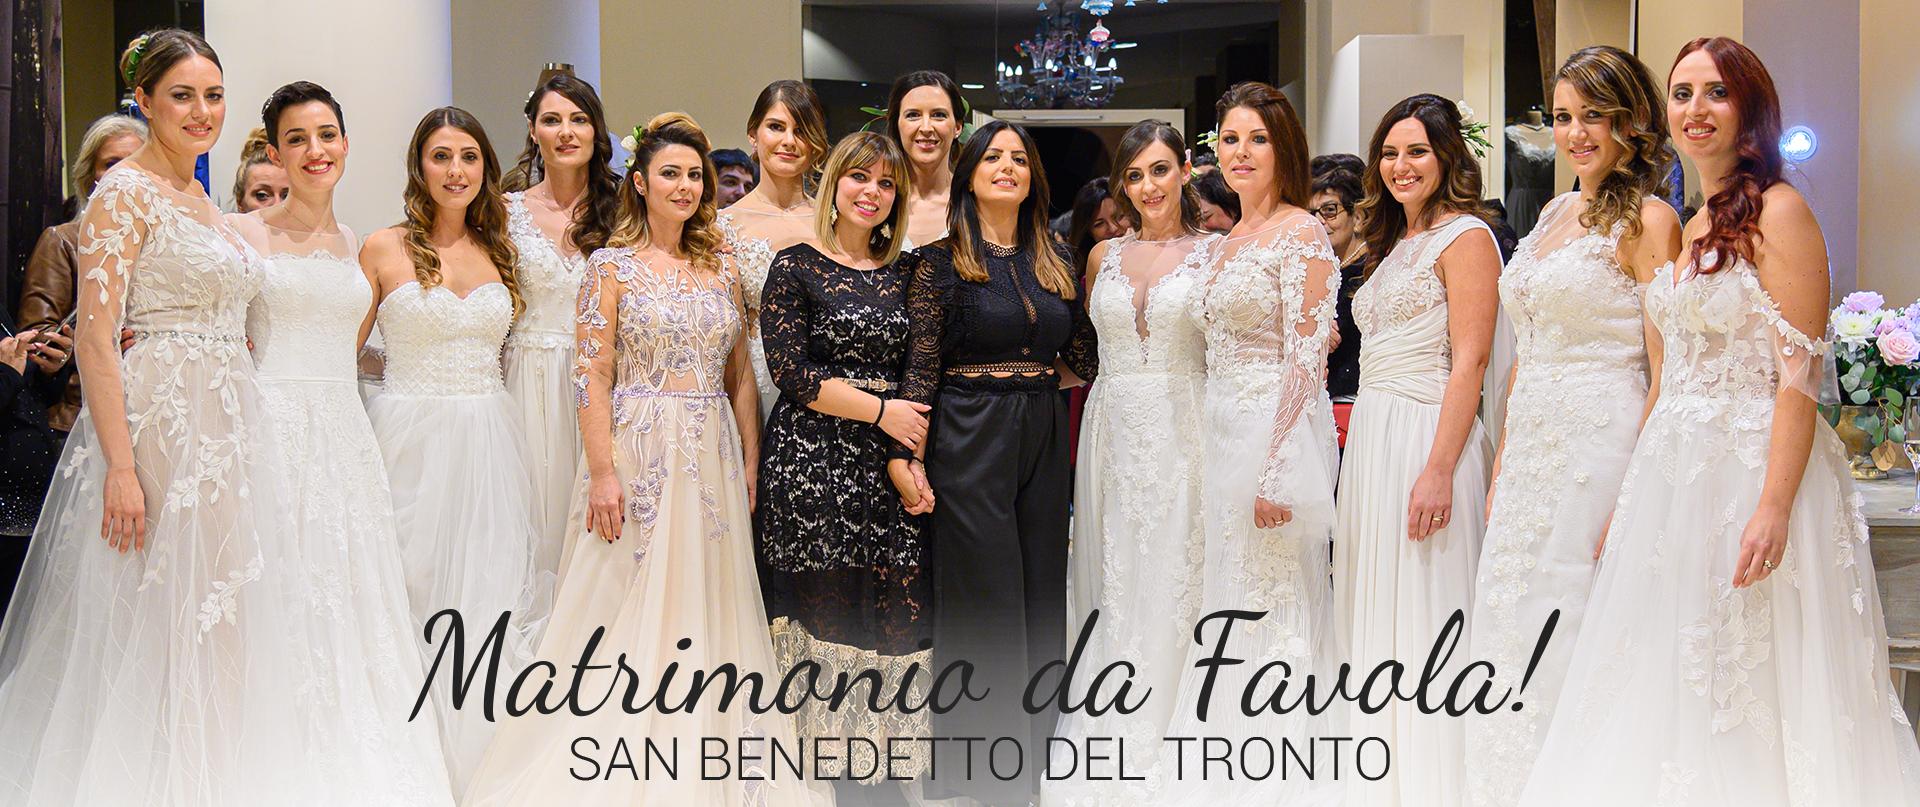 Matrimonio da Favola – S. Benedetto del Tronto 27/10/2019